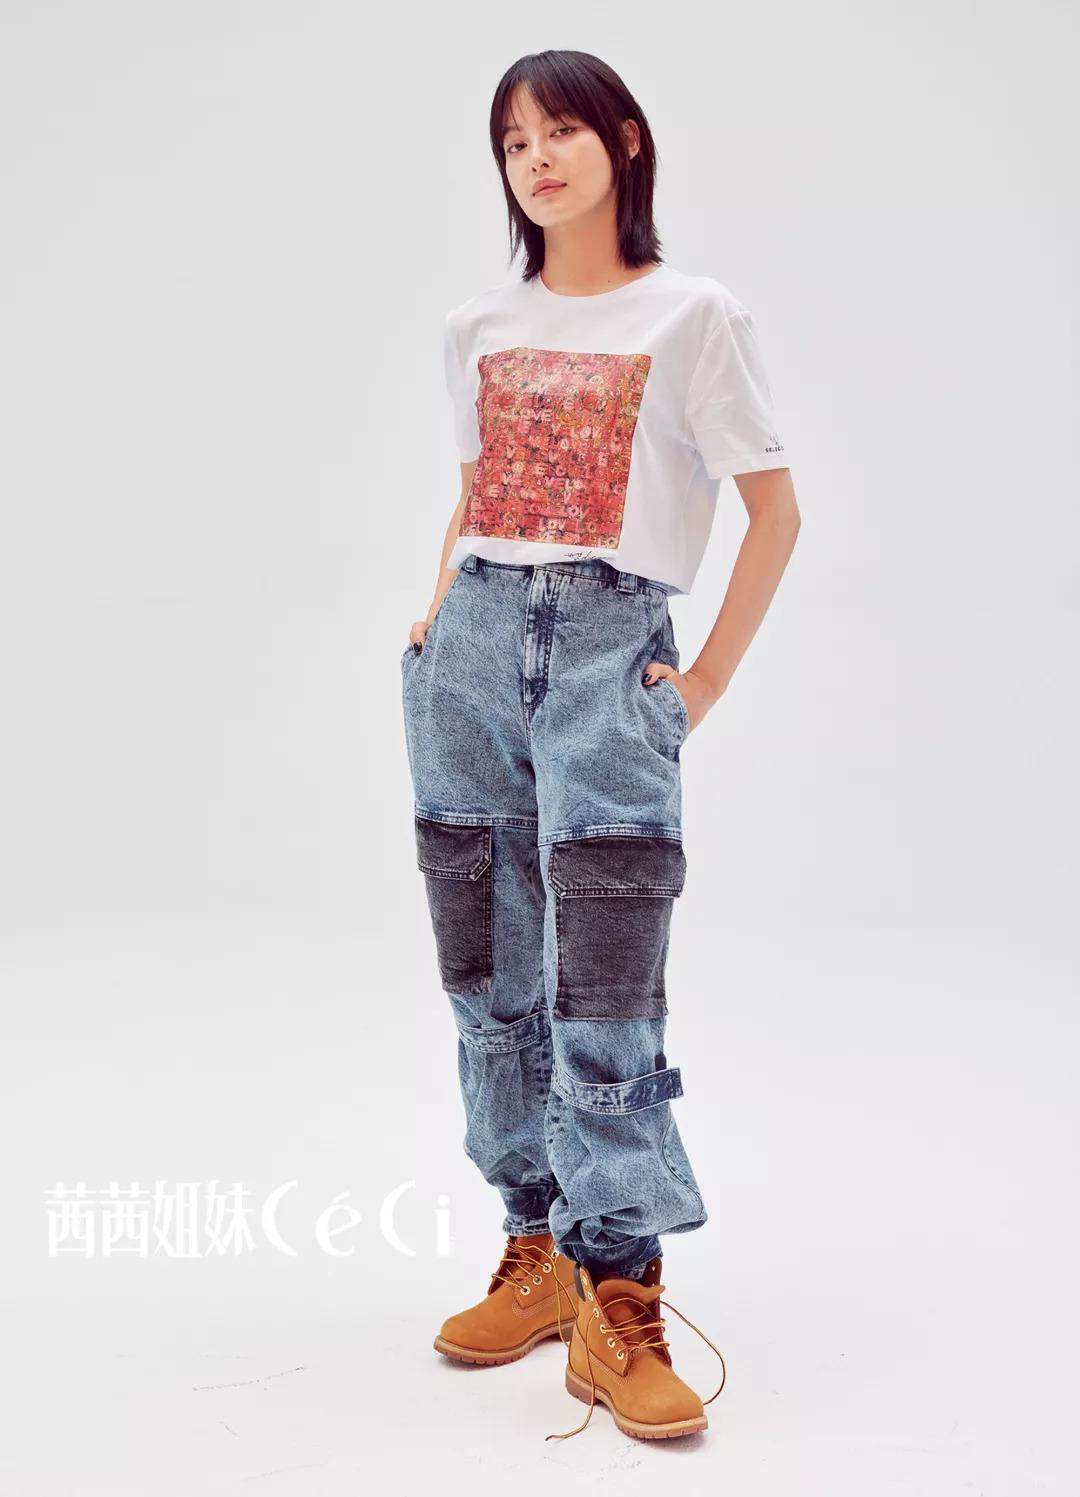 """《如懿传》《斗破苍穹》…""""千面女王""""辛芷蕾为爱演绎CéCi十周年公益T恤!"""